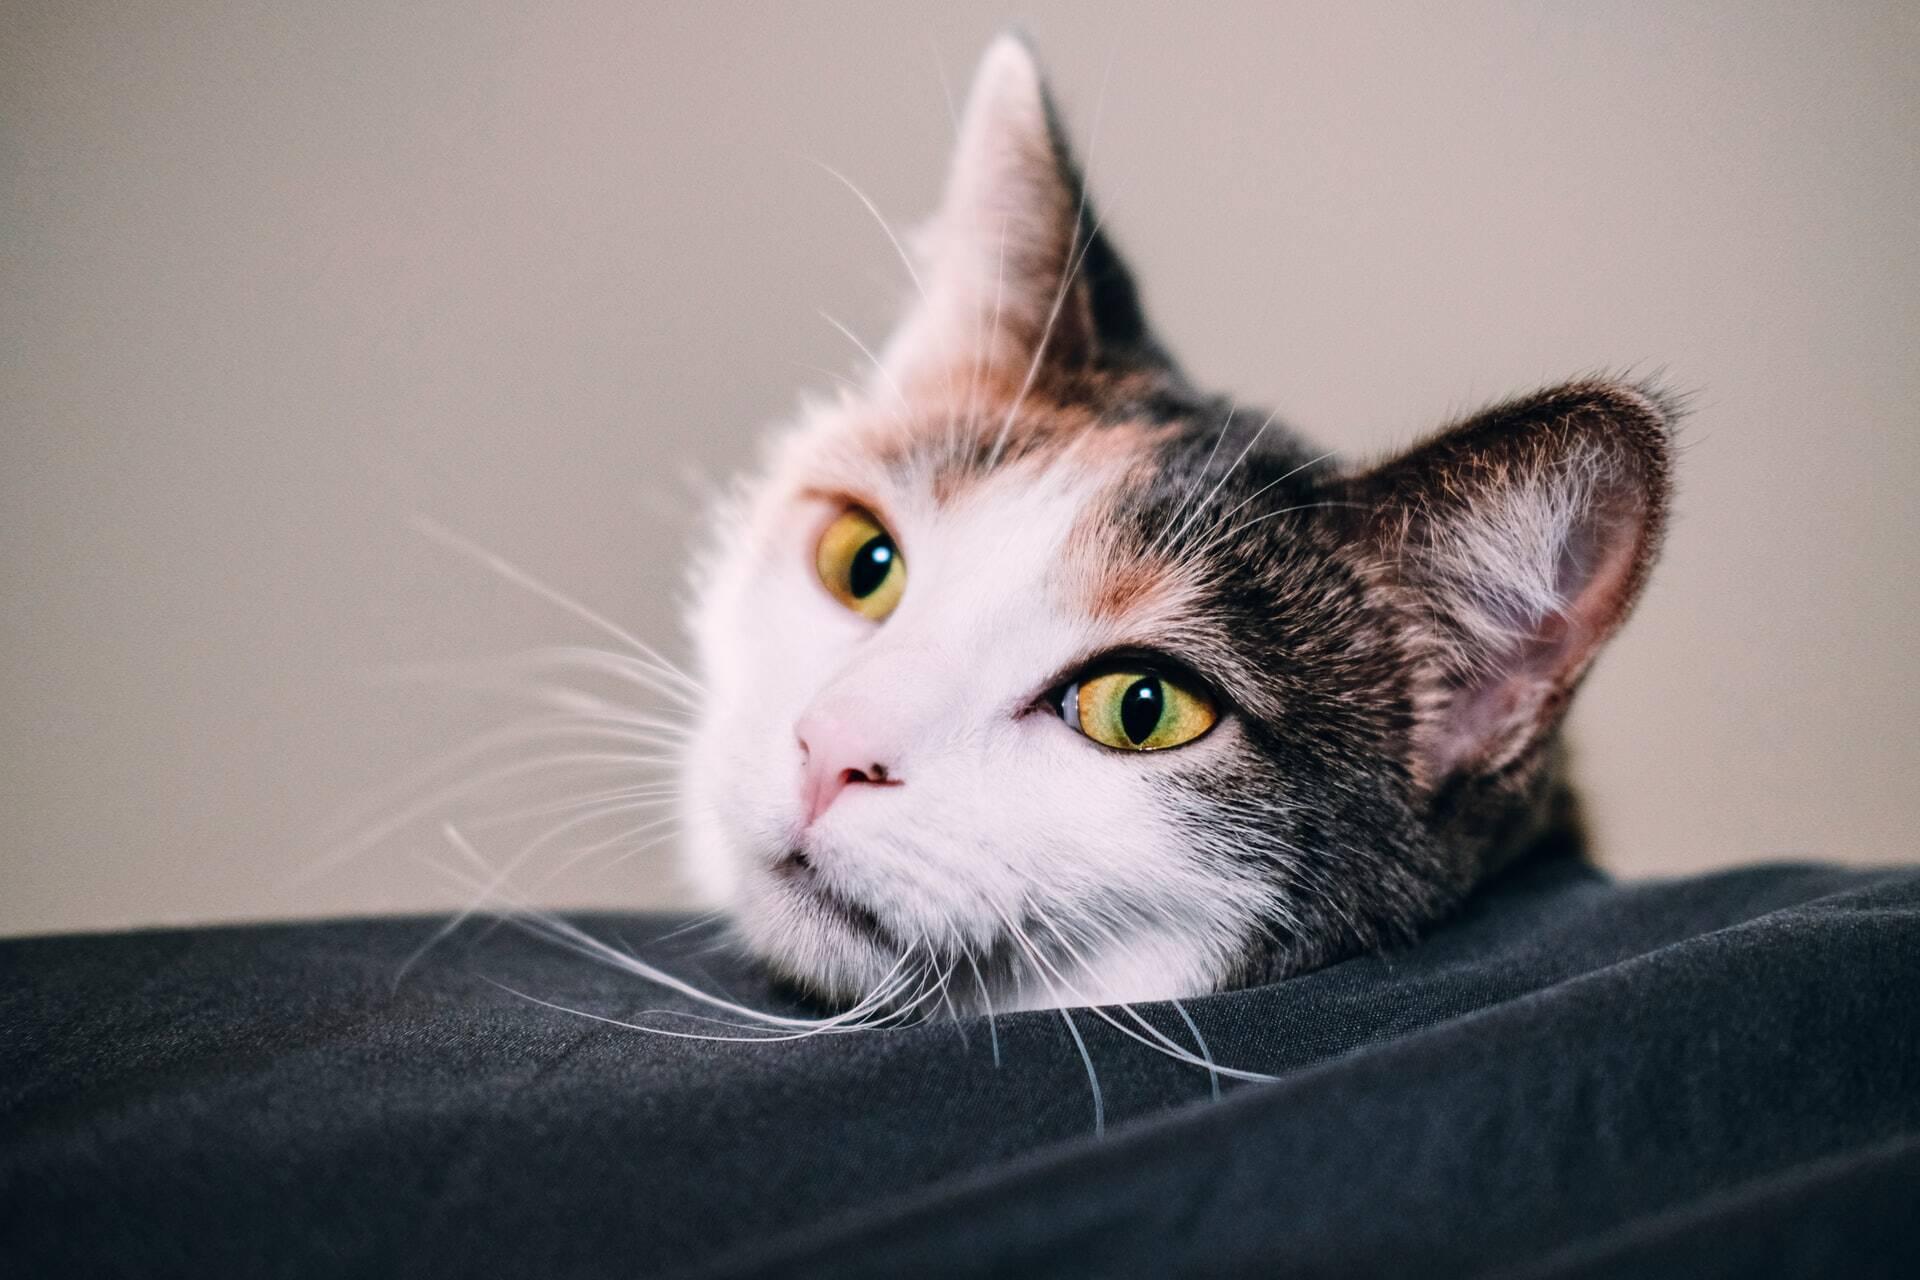 Conheça os 14 problemas de saúde mais comuns em gatos e saiba quais são os tratamentos